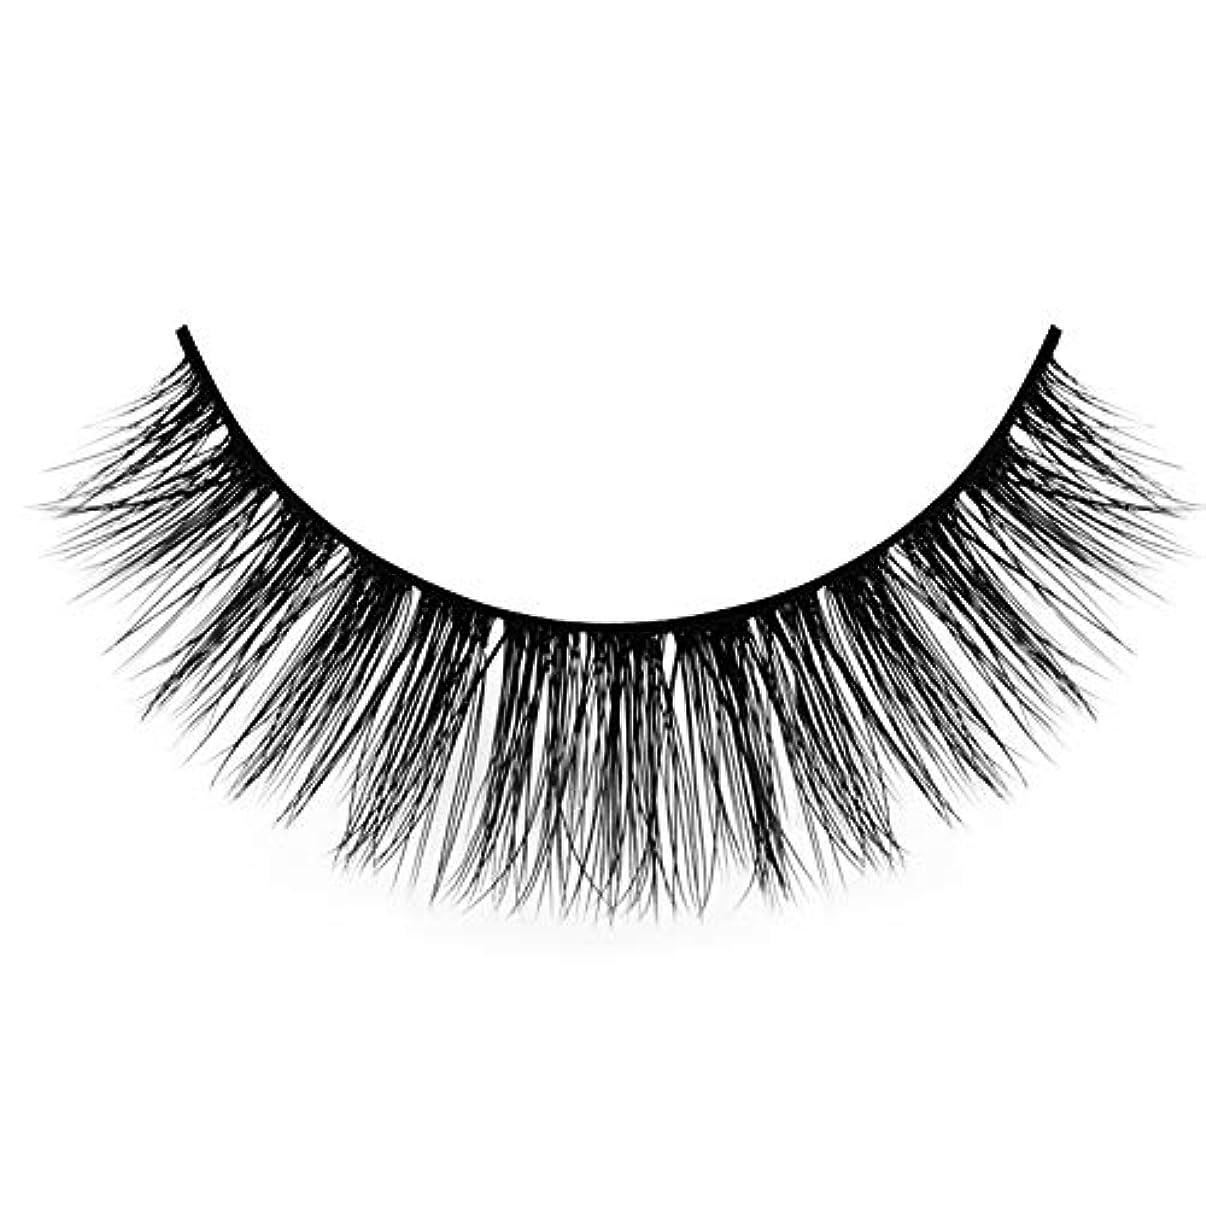 チップ教会田舎者Alchgo つけまつげ ミンクつけまつ毛 3ペア グラマラスボリュームアイラッシュ ふんわりロングまつ毛 極薄 濃密 超軽量 高級繊維 自然 人気 つけまつ毛 3D 大きい目